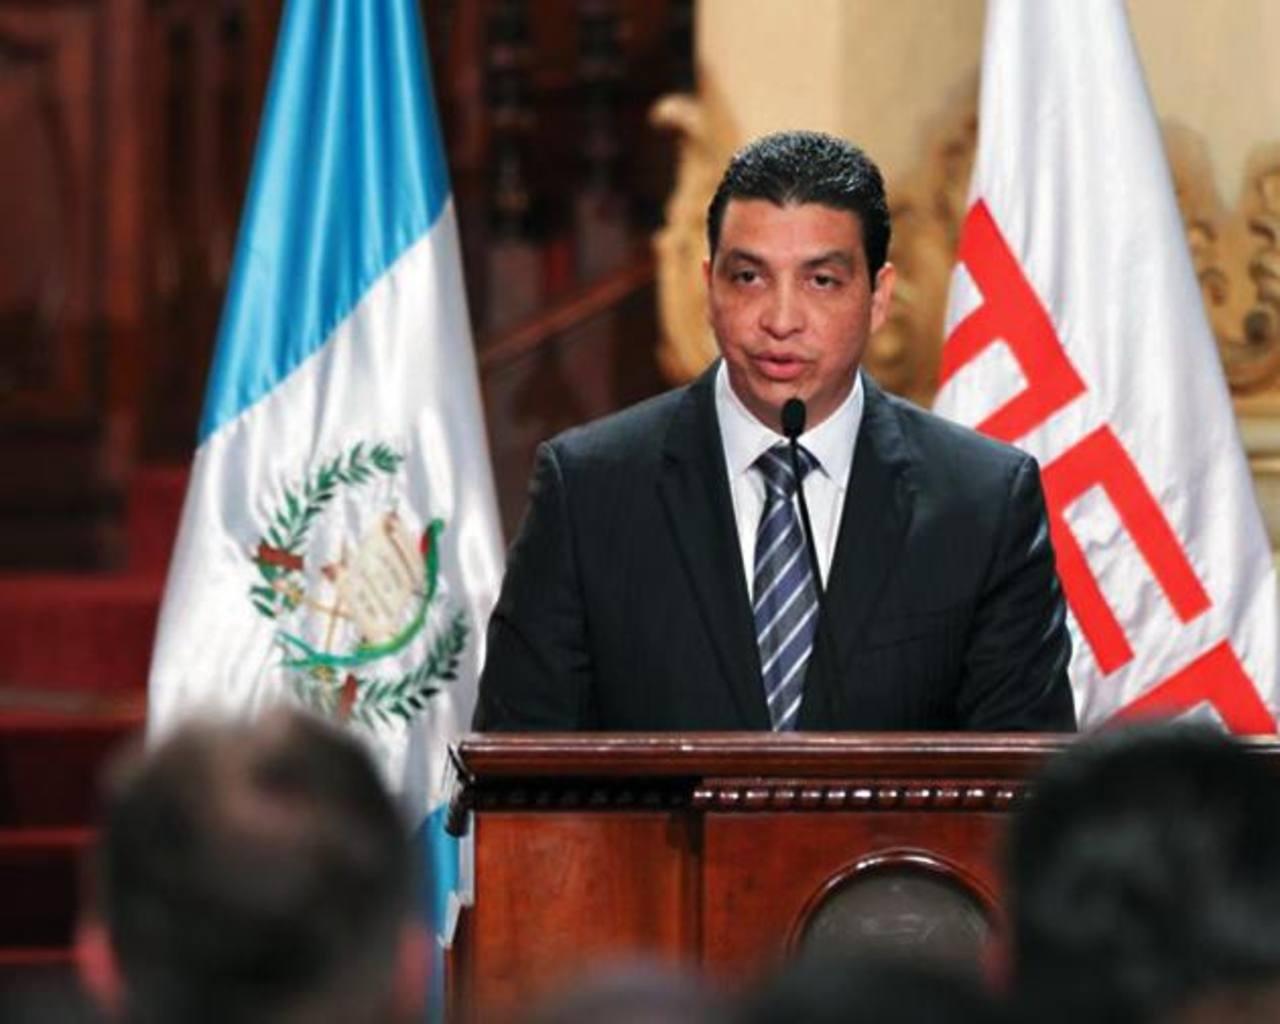 El ministro de Energía y Minas de Guatemala, Erick Archila, presentó ayer su renuncia. Foto EDH / www.lanacion.com.g